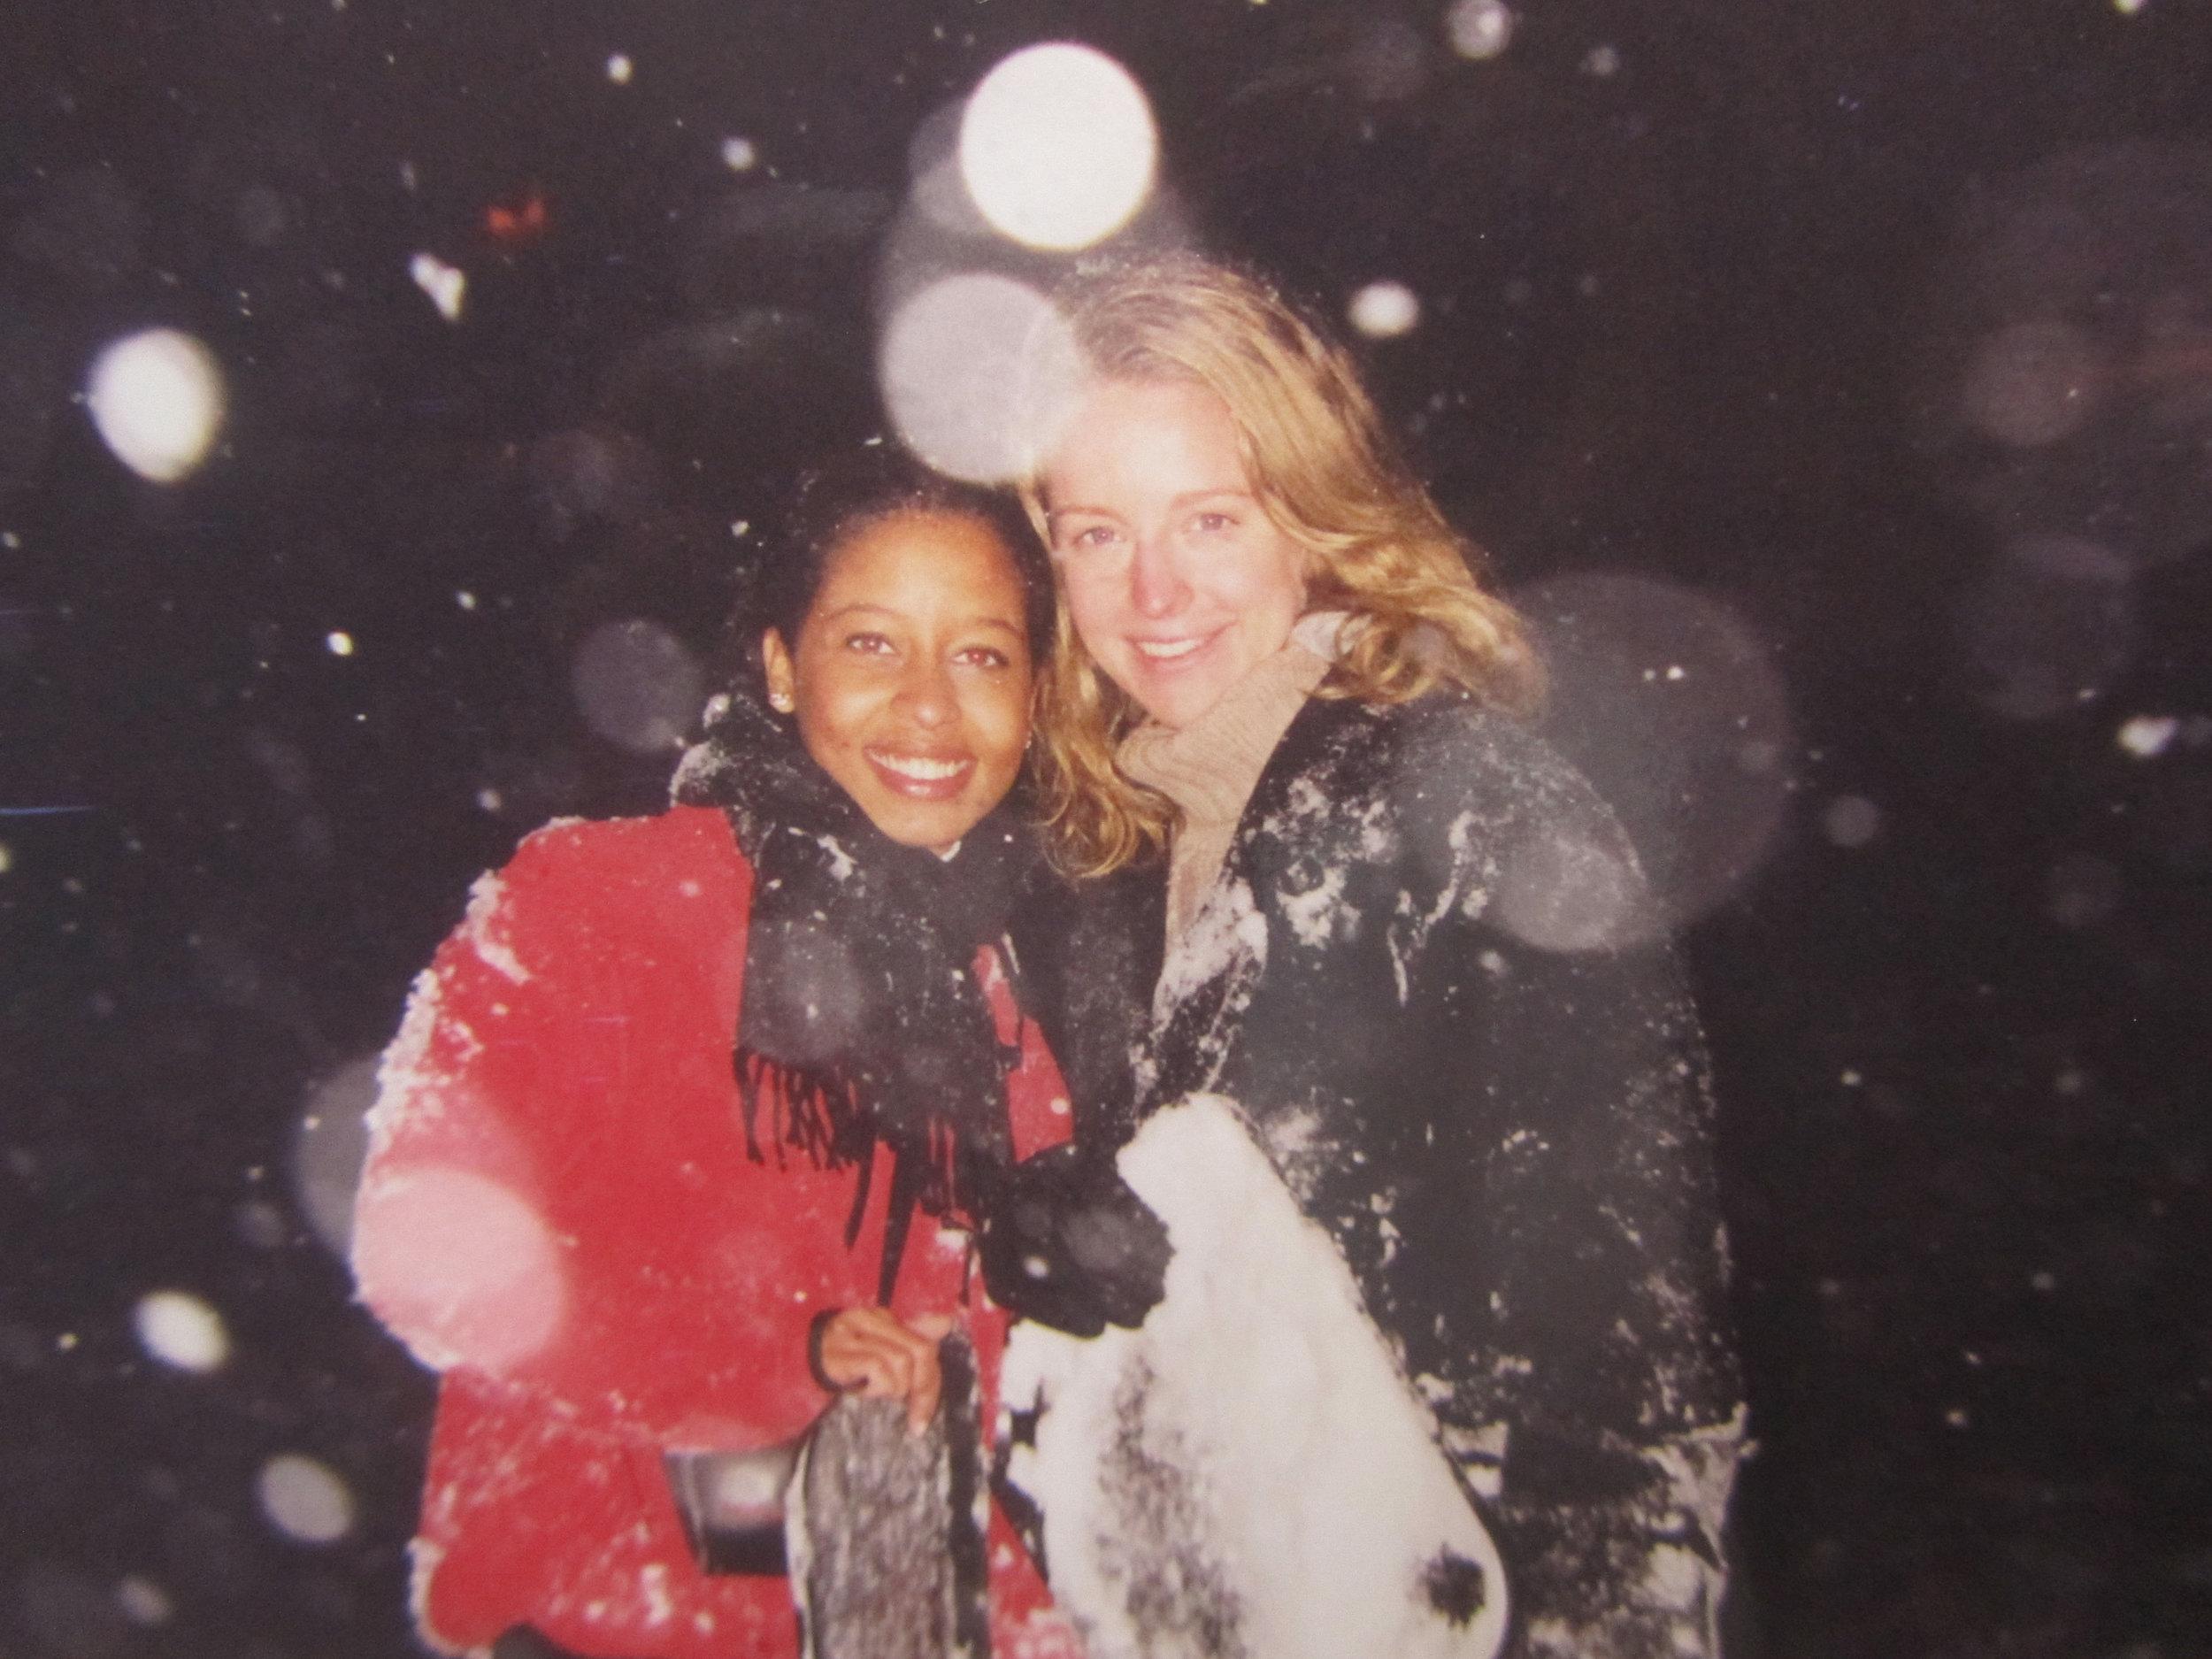 wheaton snow